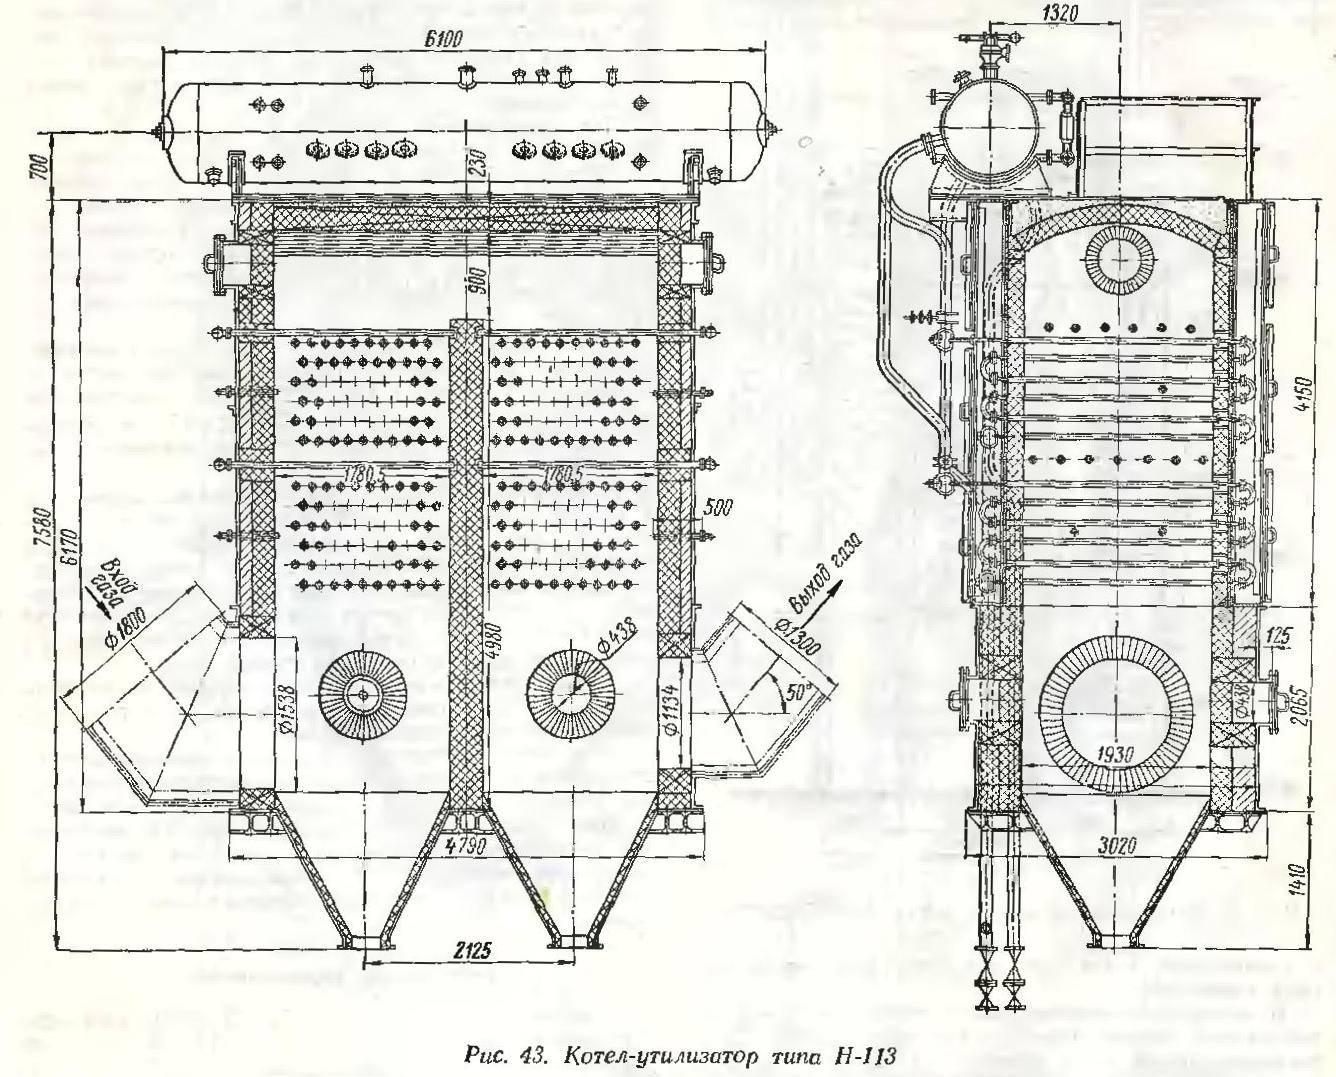 Конструкция - котлов-утилизатор  - большая энциклопедия нефти и газа, статья, страница 1